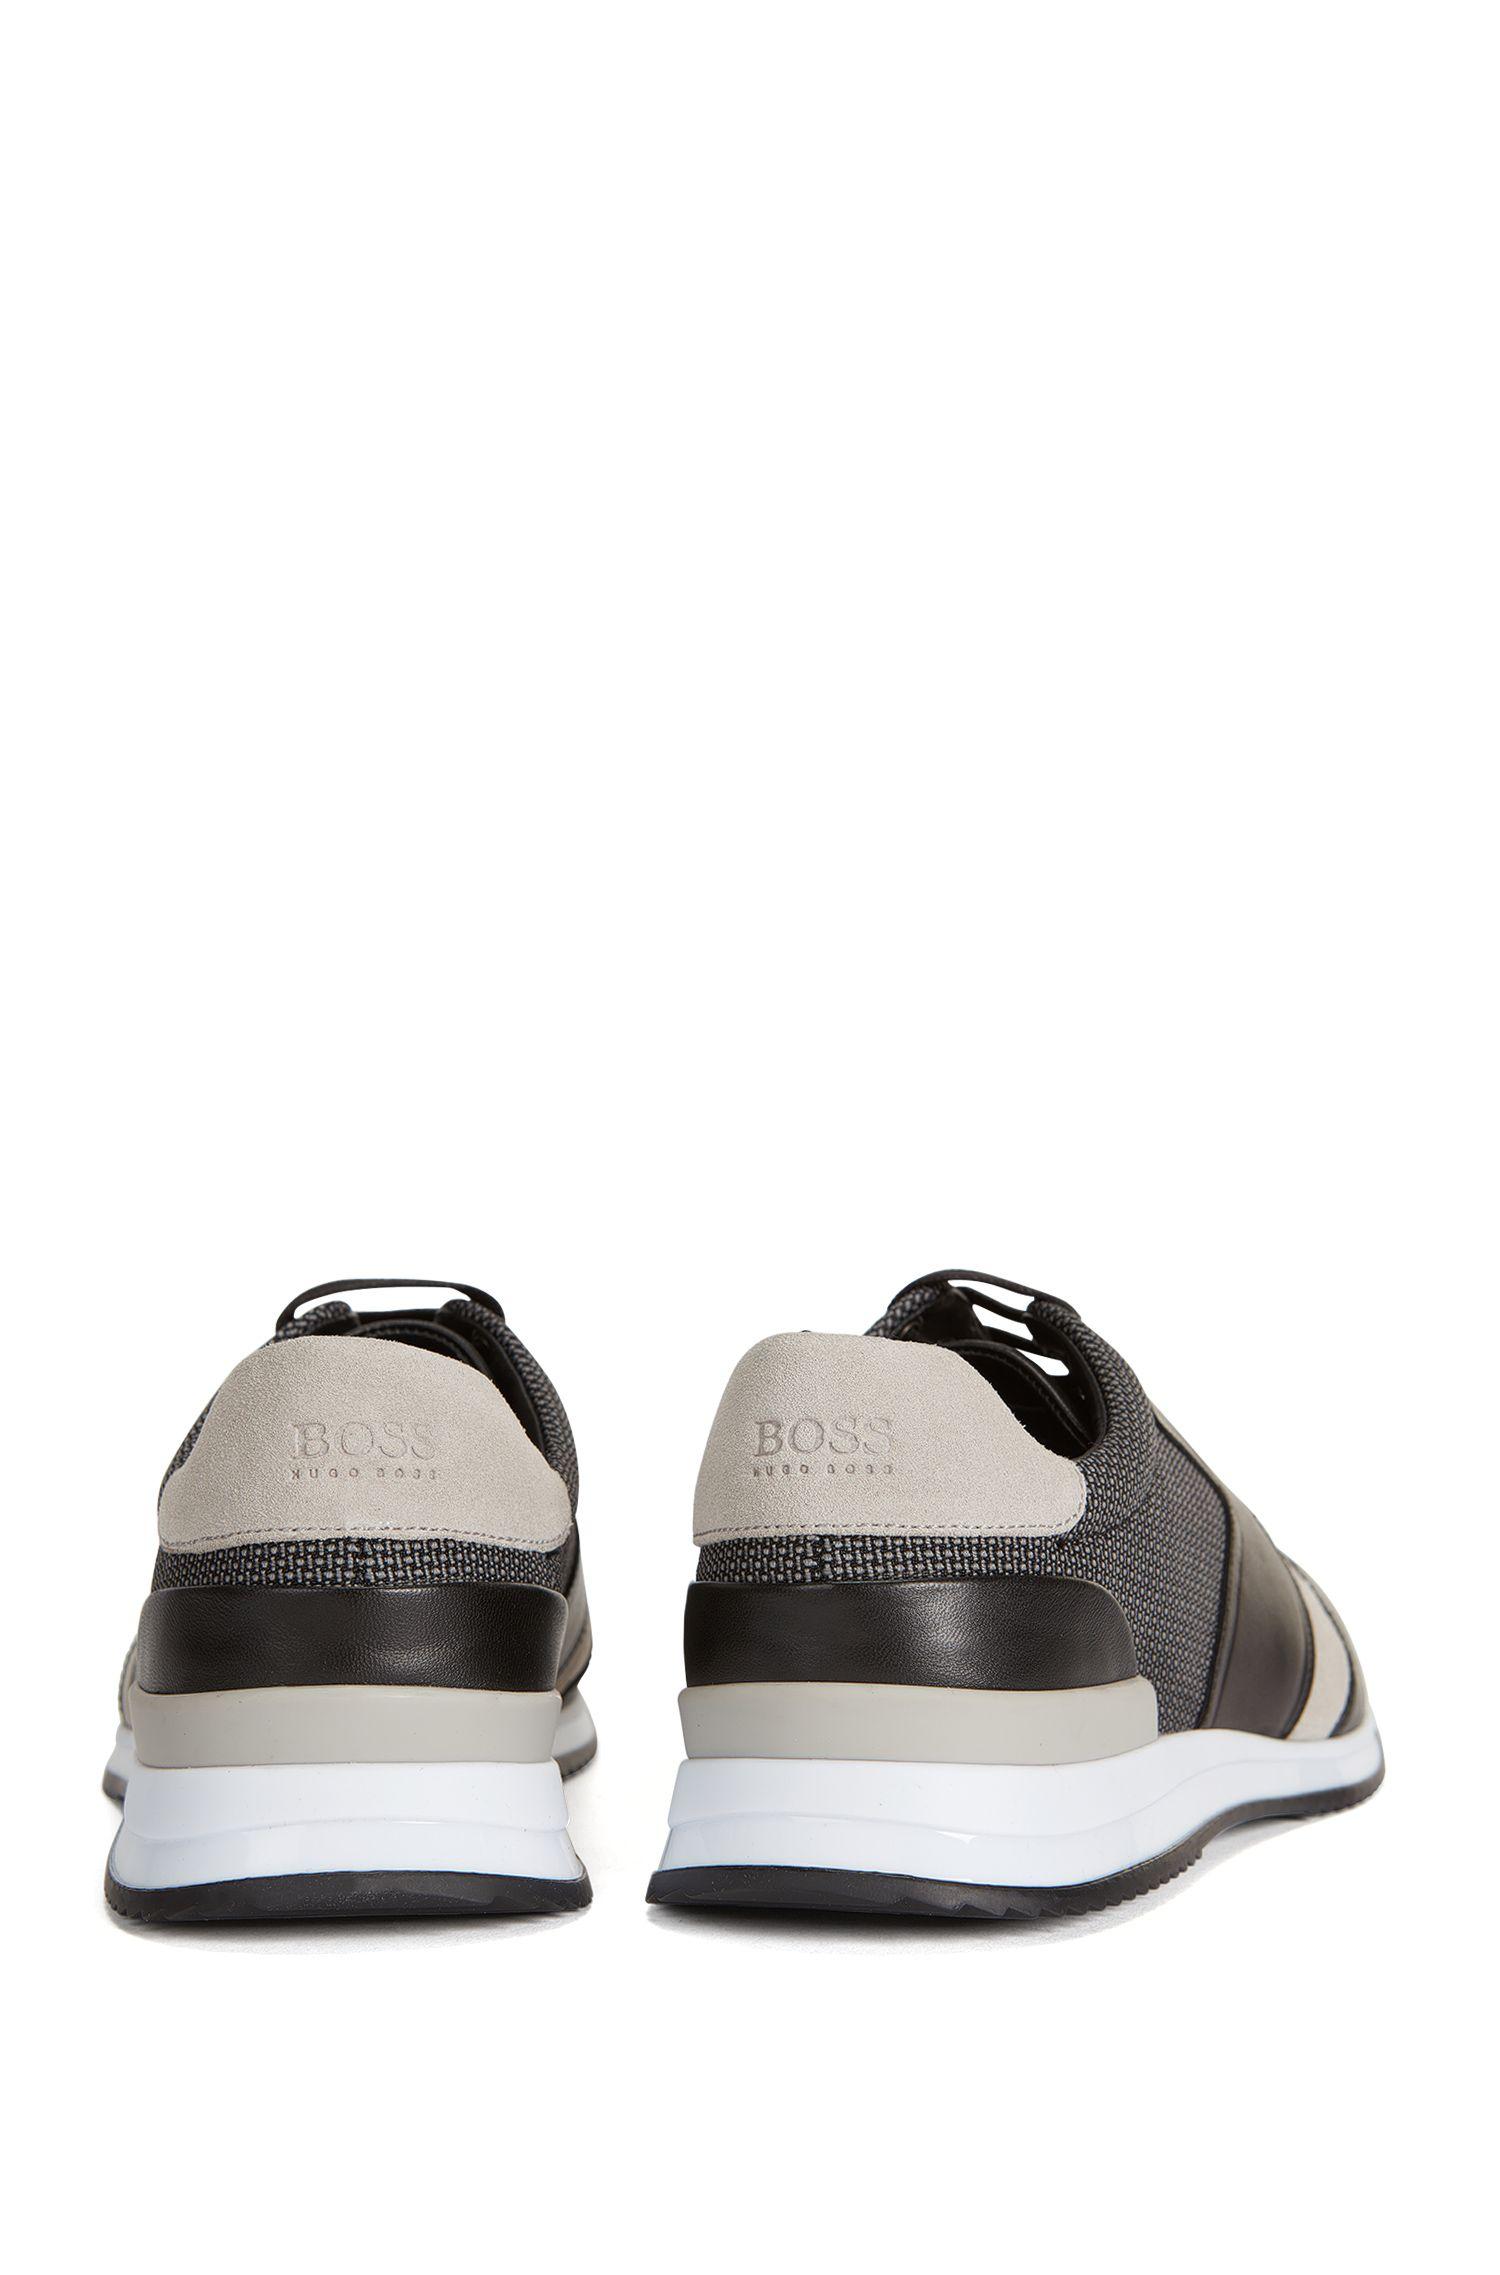 Mesh, Leather Sneaker | Legacy Runn Mx